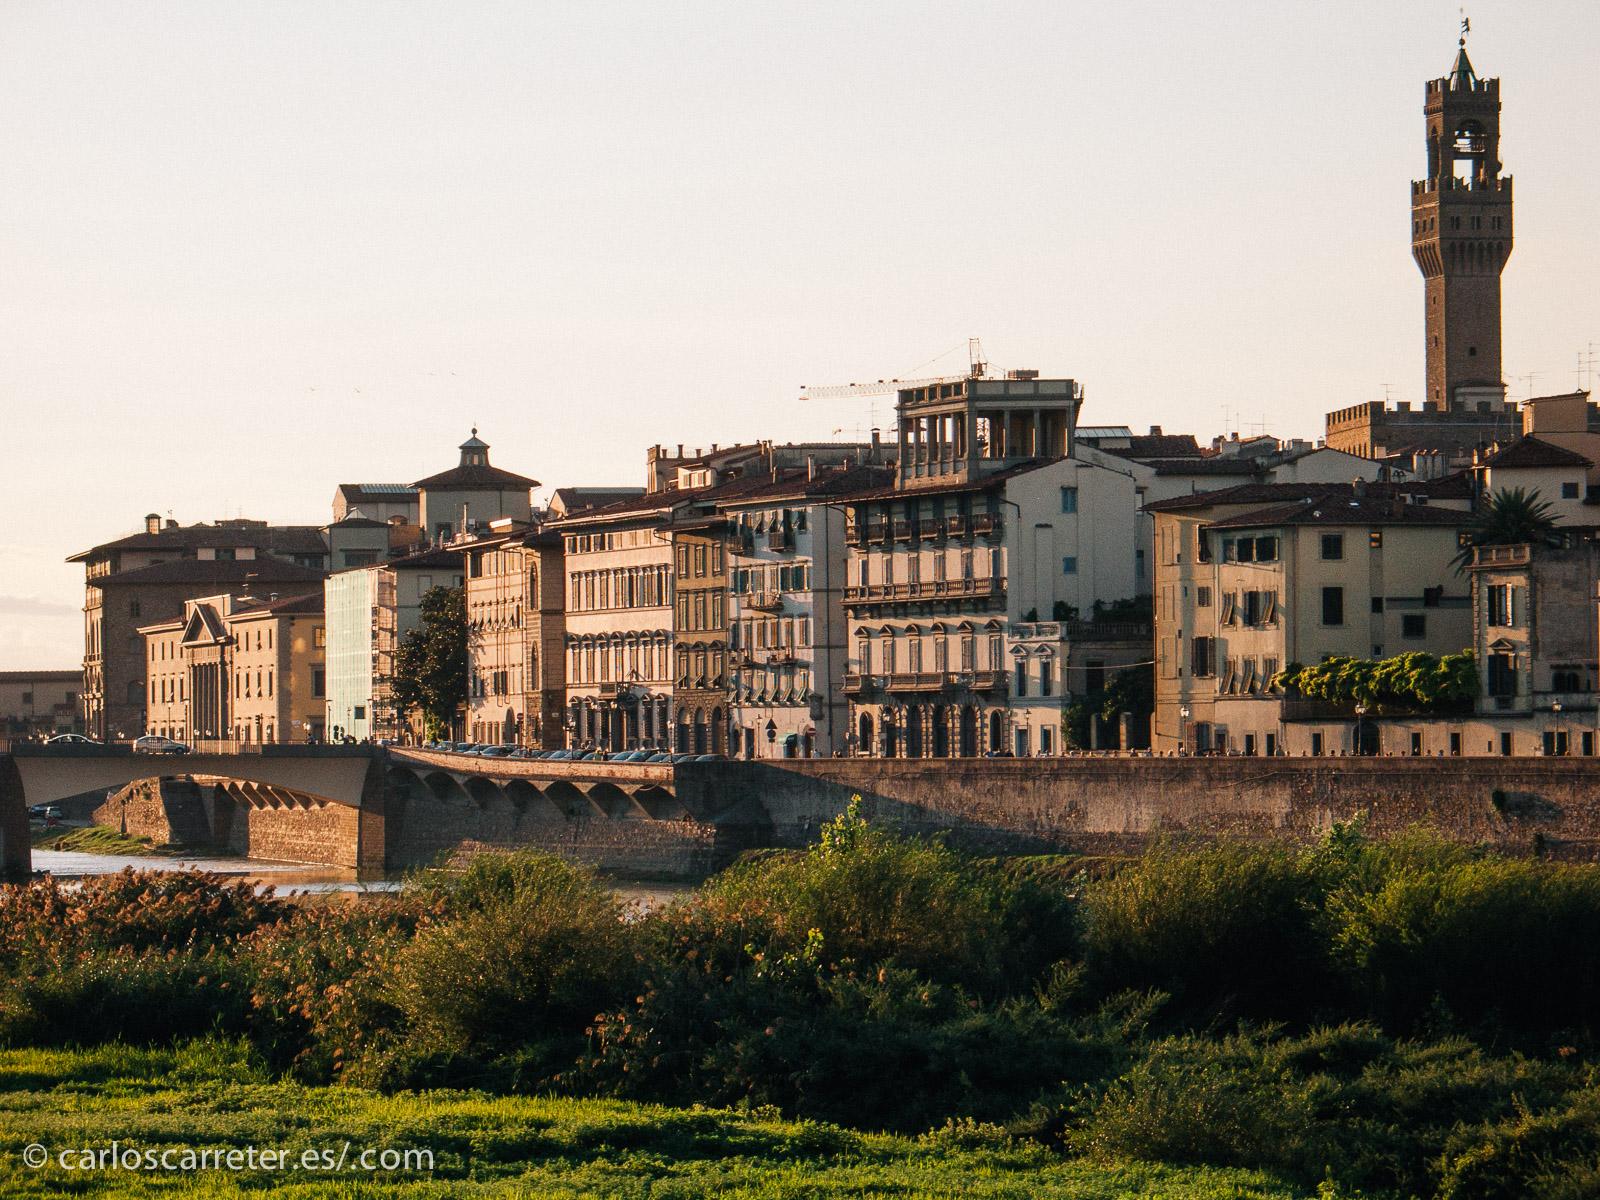 Pero aparte de eso, es estupendo estar en Florencia en cualquier otro momento, a pesar de las nuevas plagas de la modernidad, los turistas.